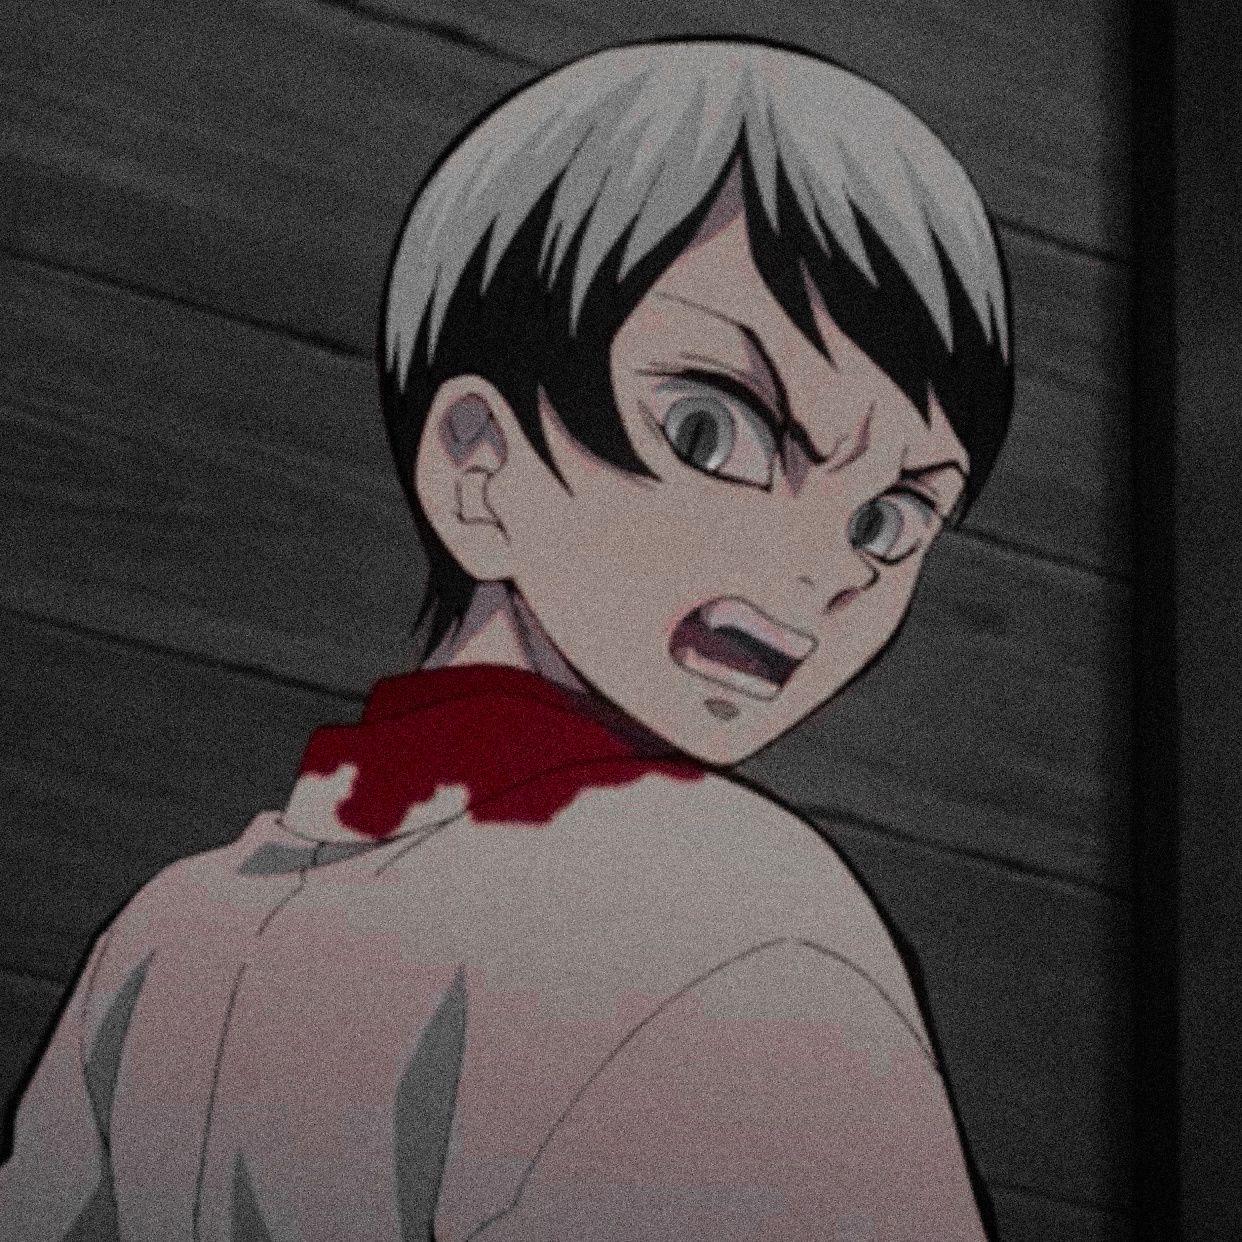 𝑦𝑢𝑠ℎ𝑖𝑟𝑜 𝙞𝙘𝙤𝙣 Slayer Anime Anime Icons Anime Characters